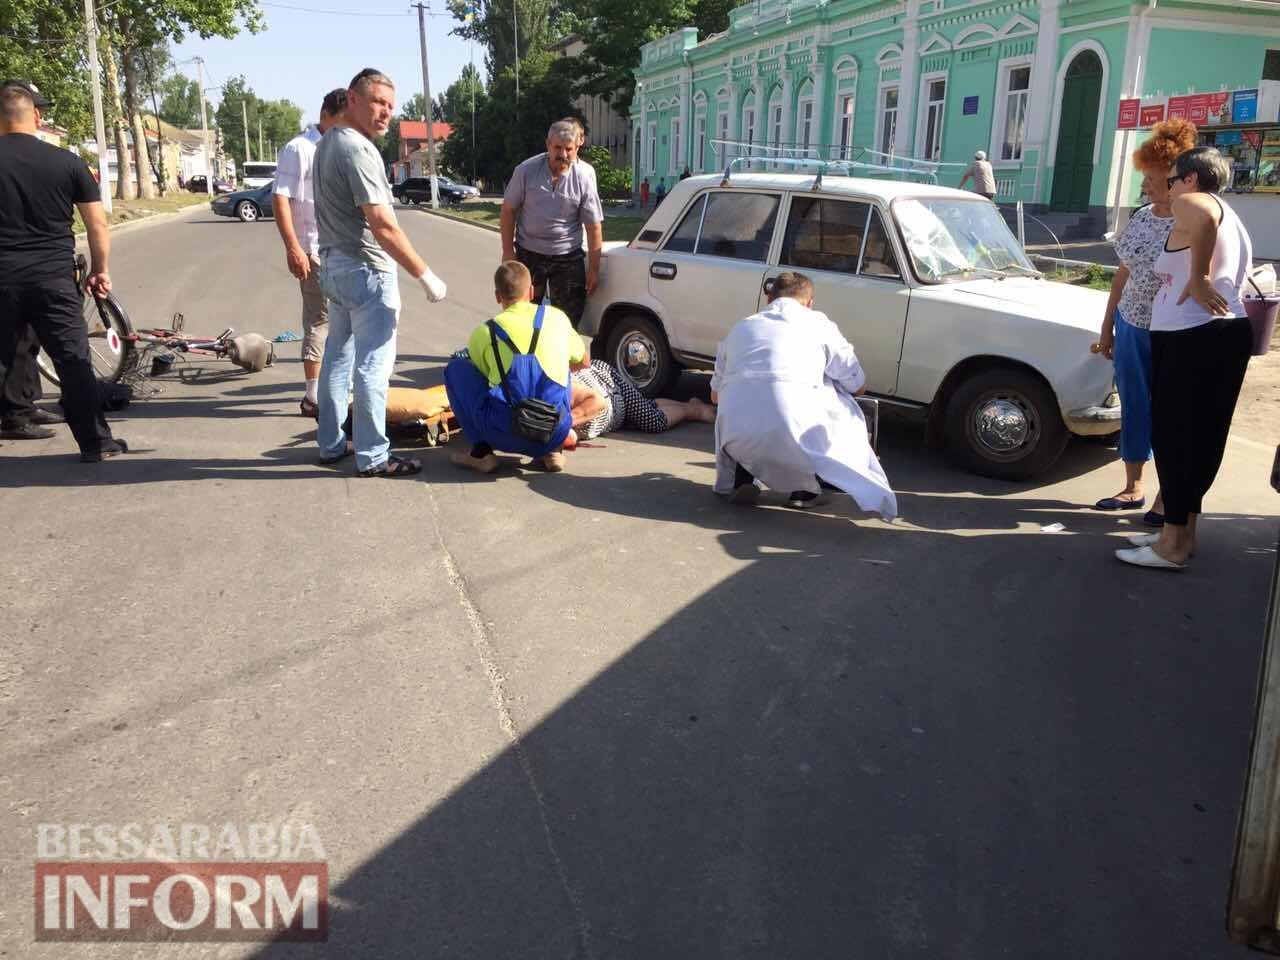 59574dbb80ca3_2346324623 Утренние ДТП: в Измаиле столкнулись два ВАЗа, а в Килии сбили велосипедистку